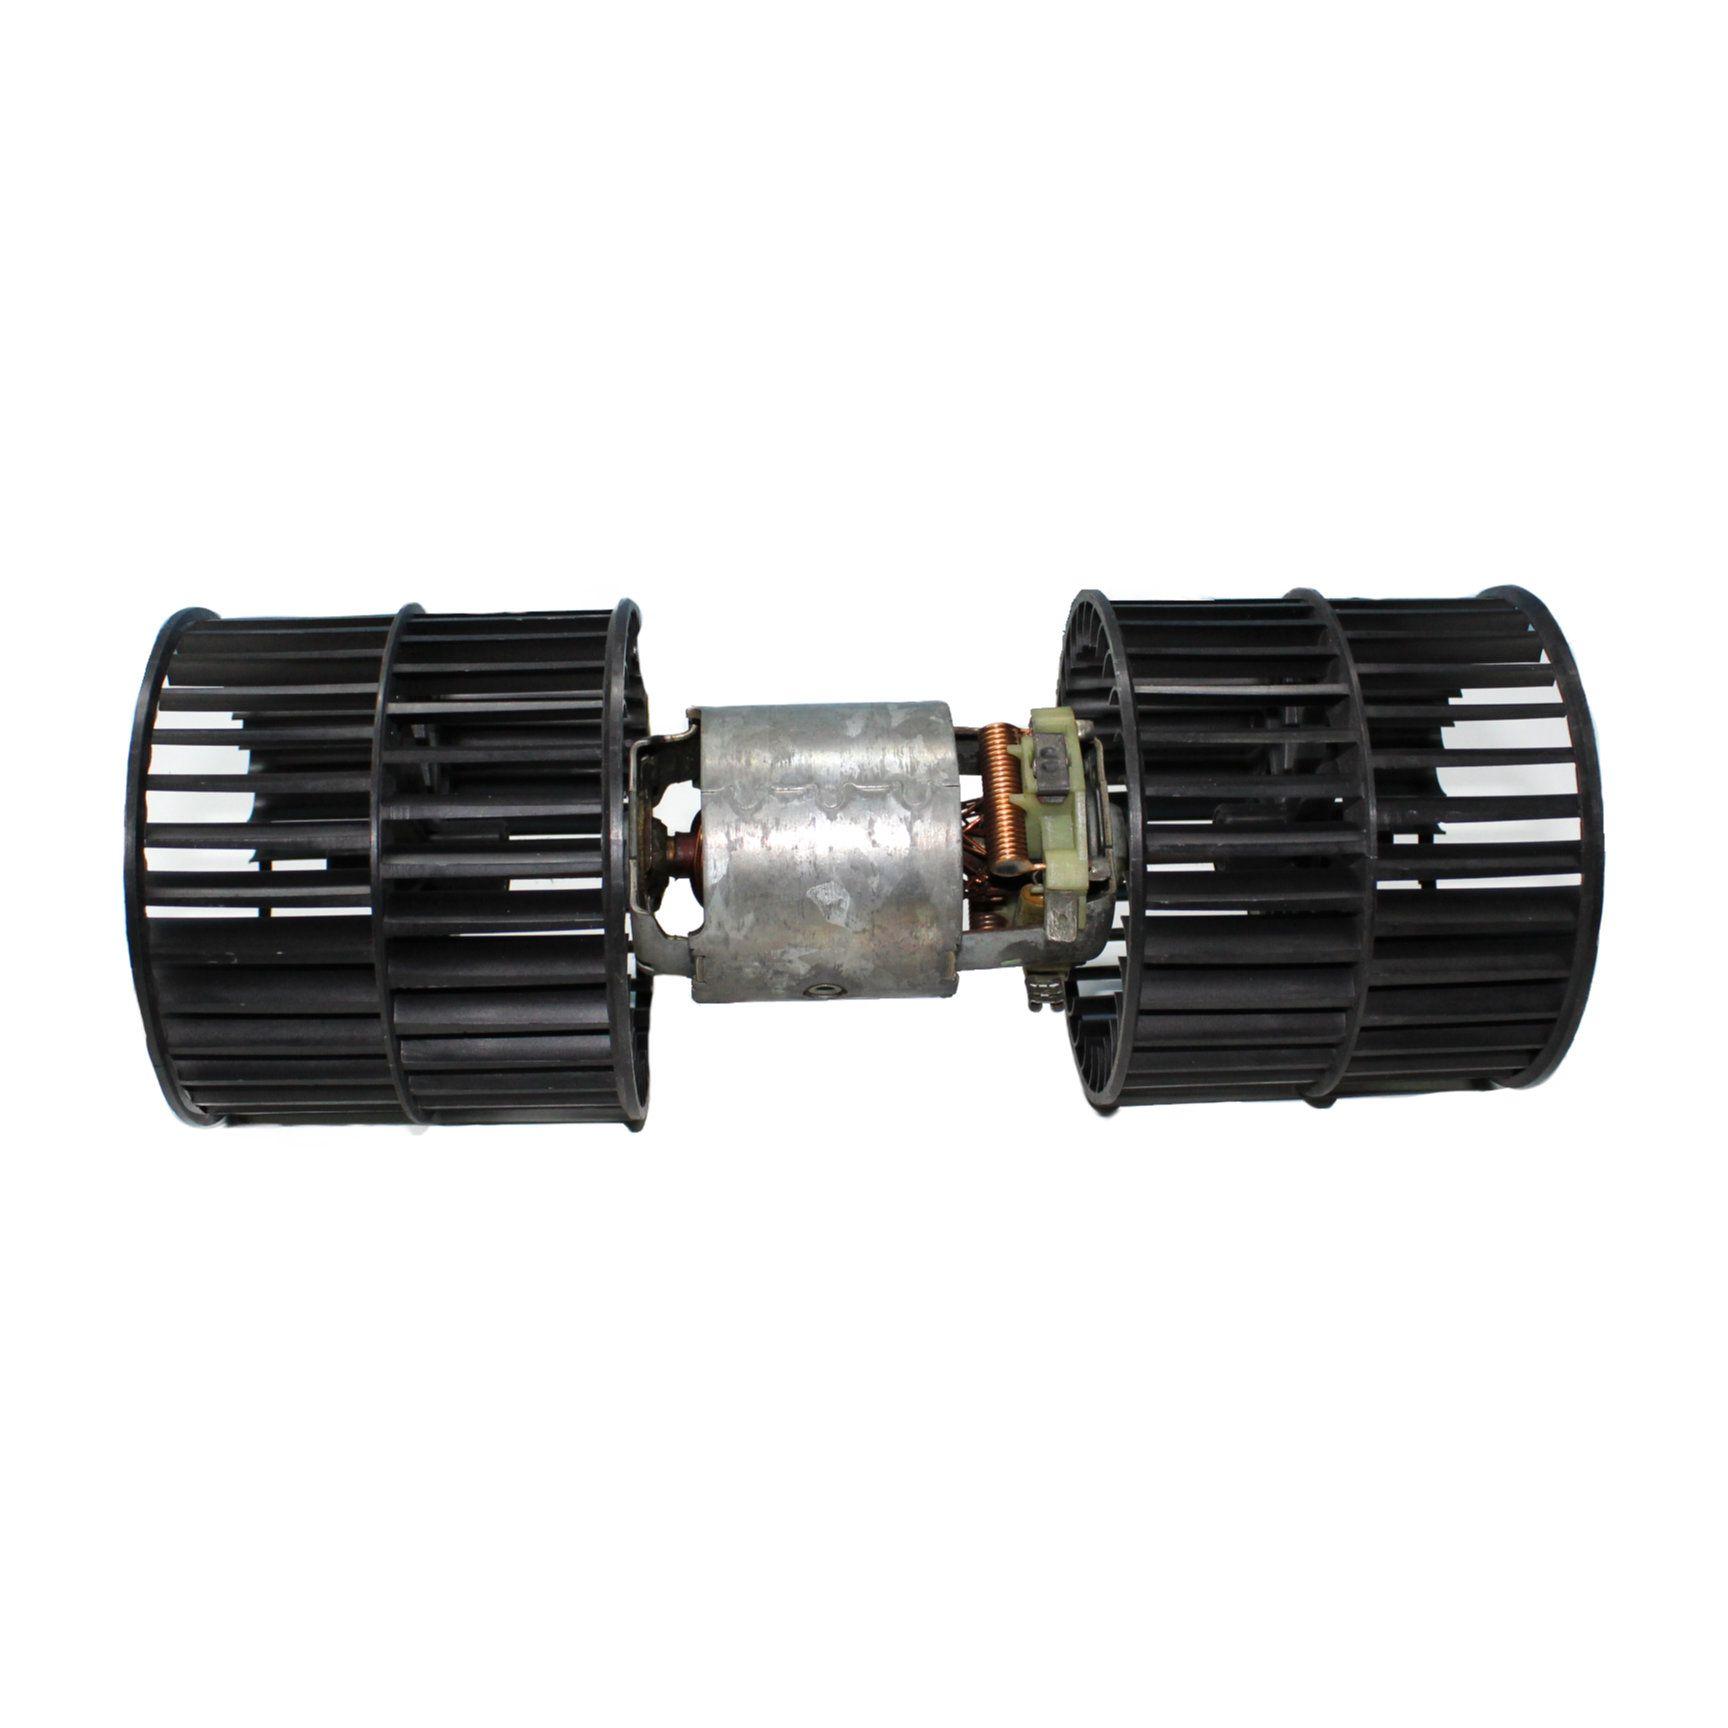 Motor Ventilador Interno Logus, Pointer, Escort 93...96 - Usado